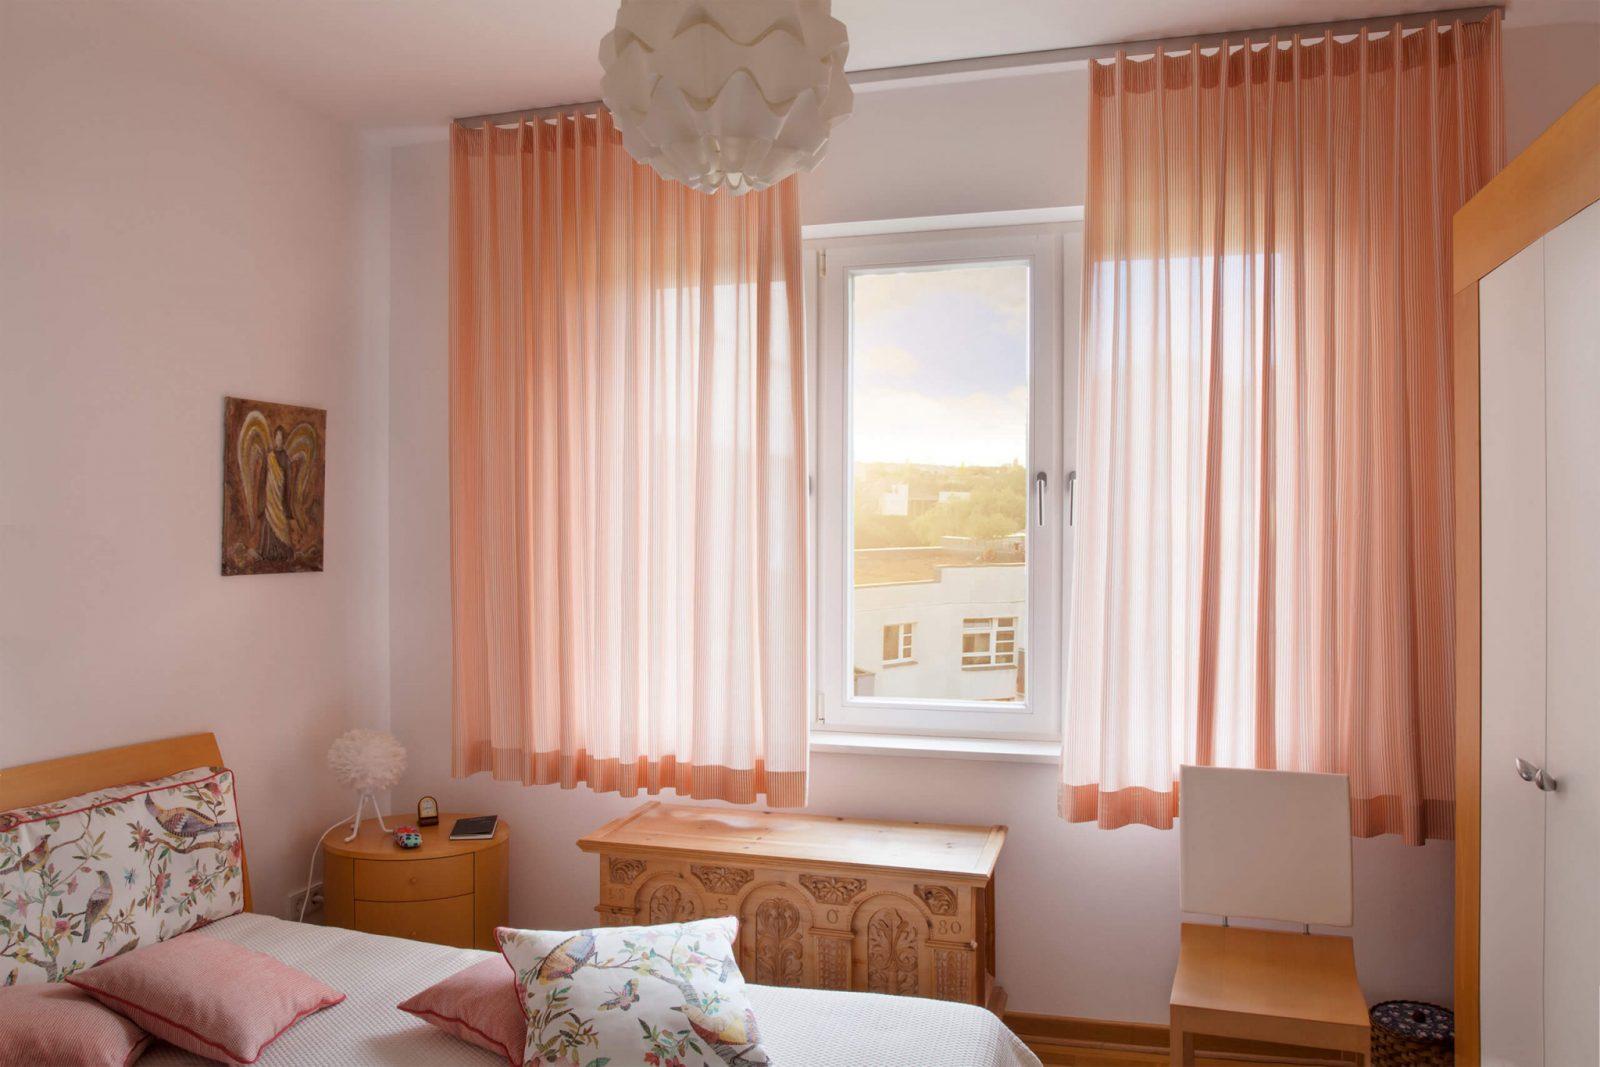 Schlafzimmer Gardinen In Berlin Charlottenburg von Schlafzimmer Vorhang Ideen Bild